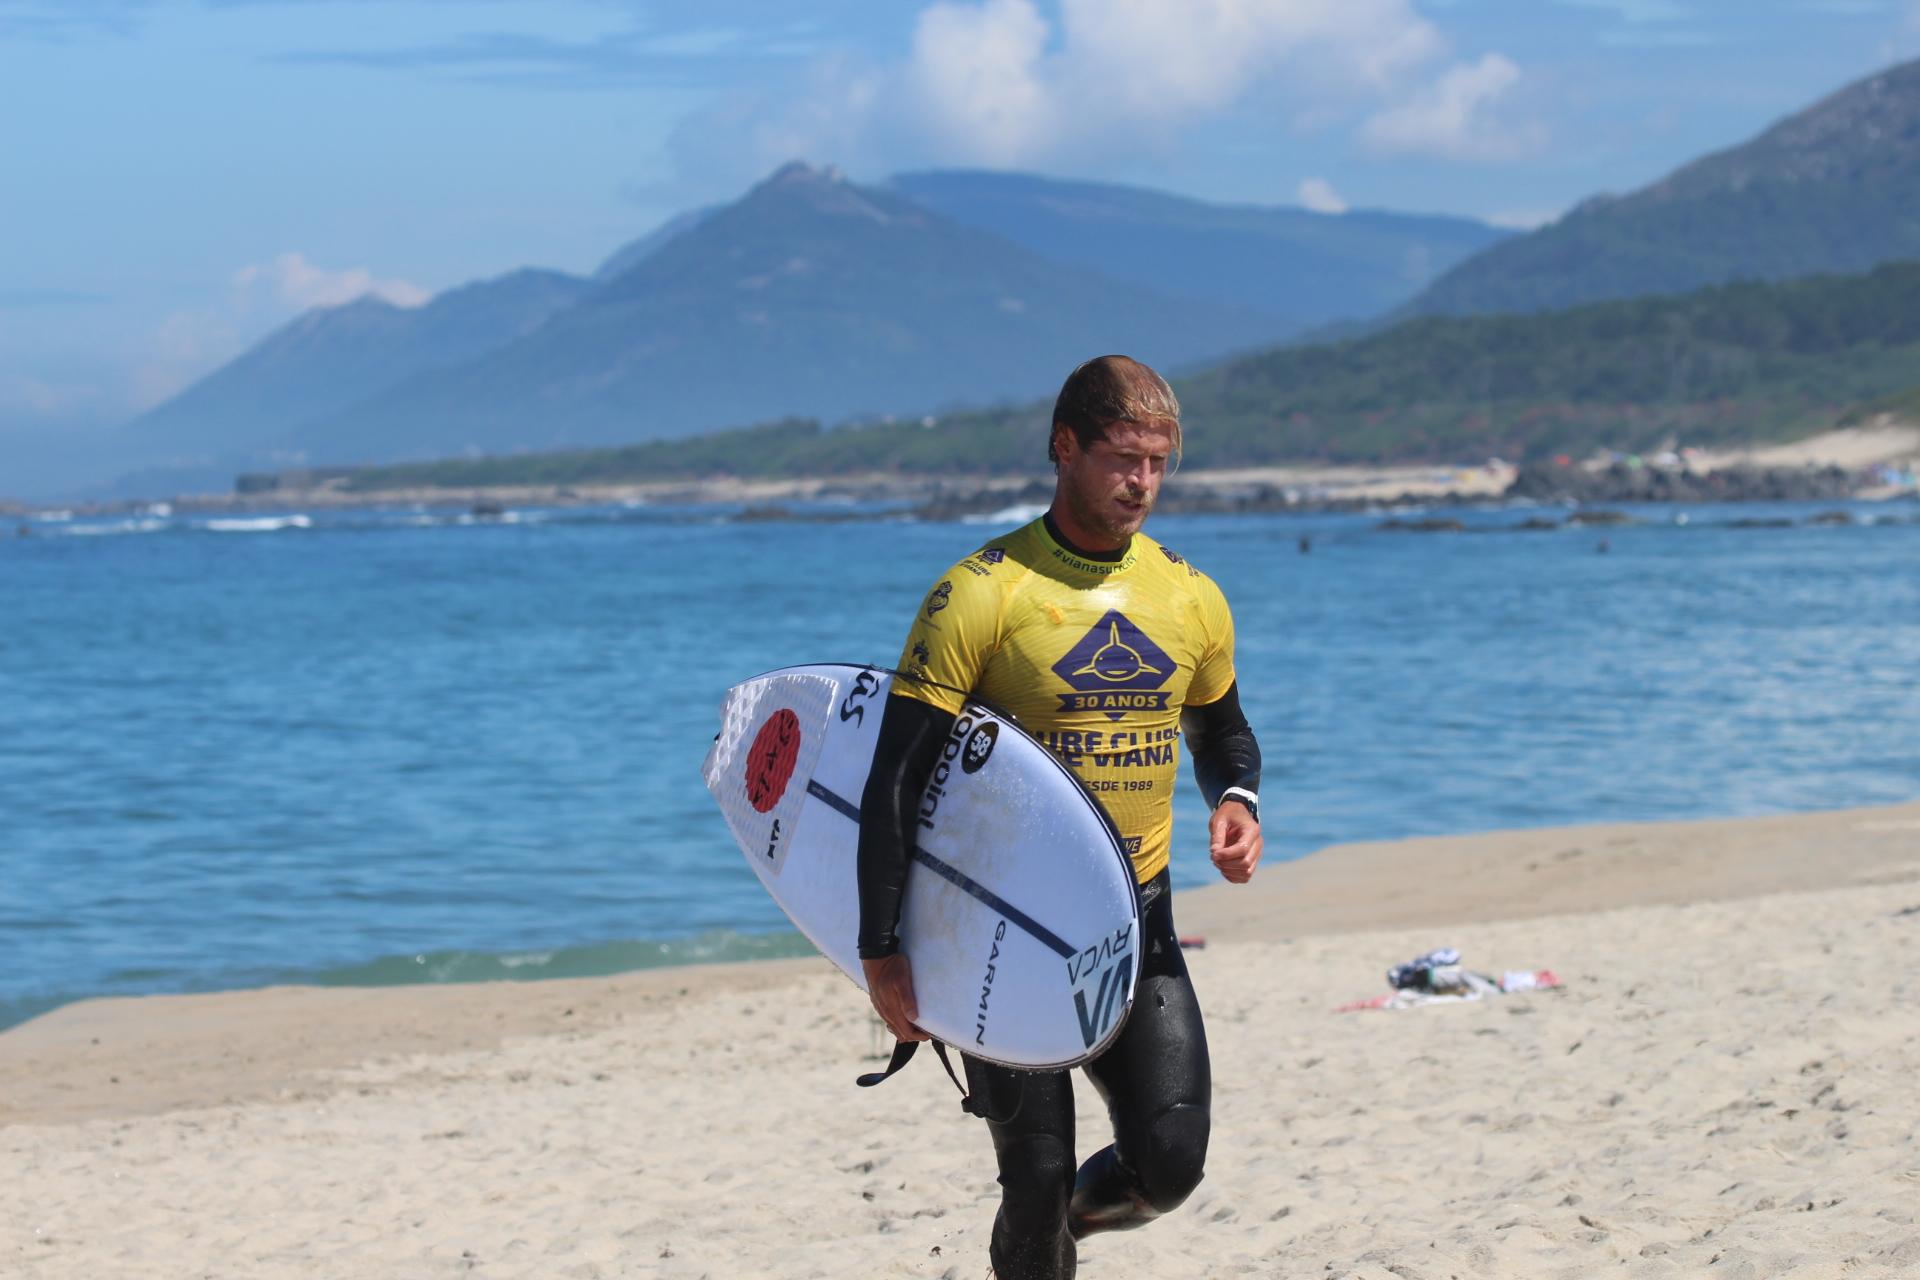 Seleção Olímpica de Surf alemã realiza estágio no CAR Surf de Viana